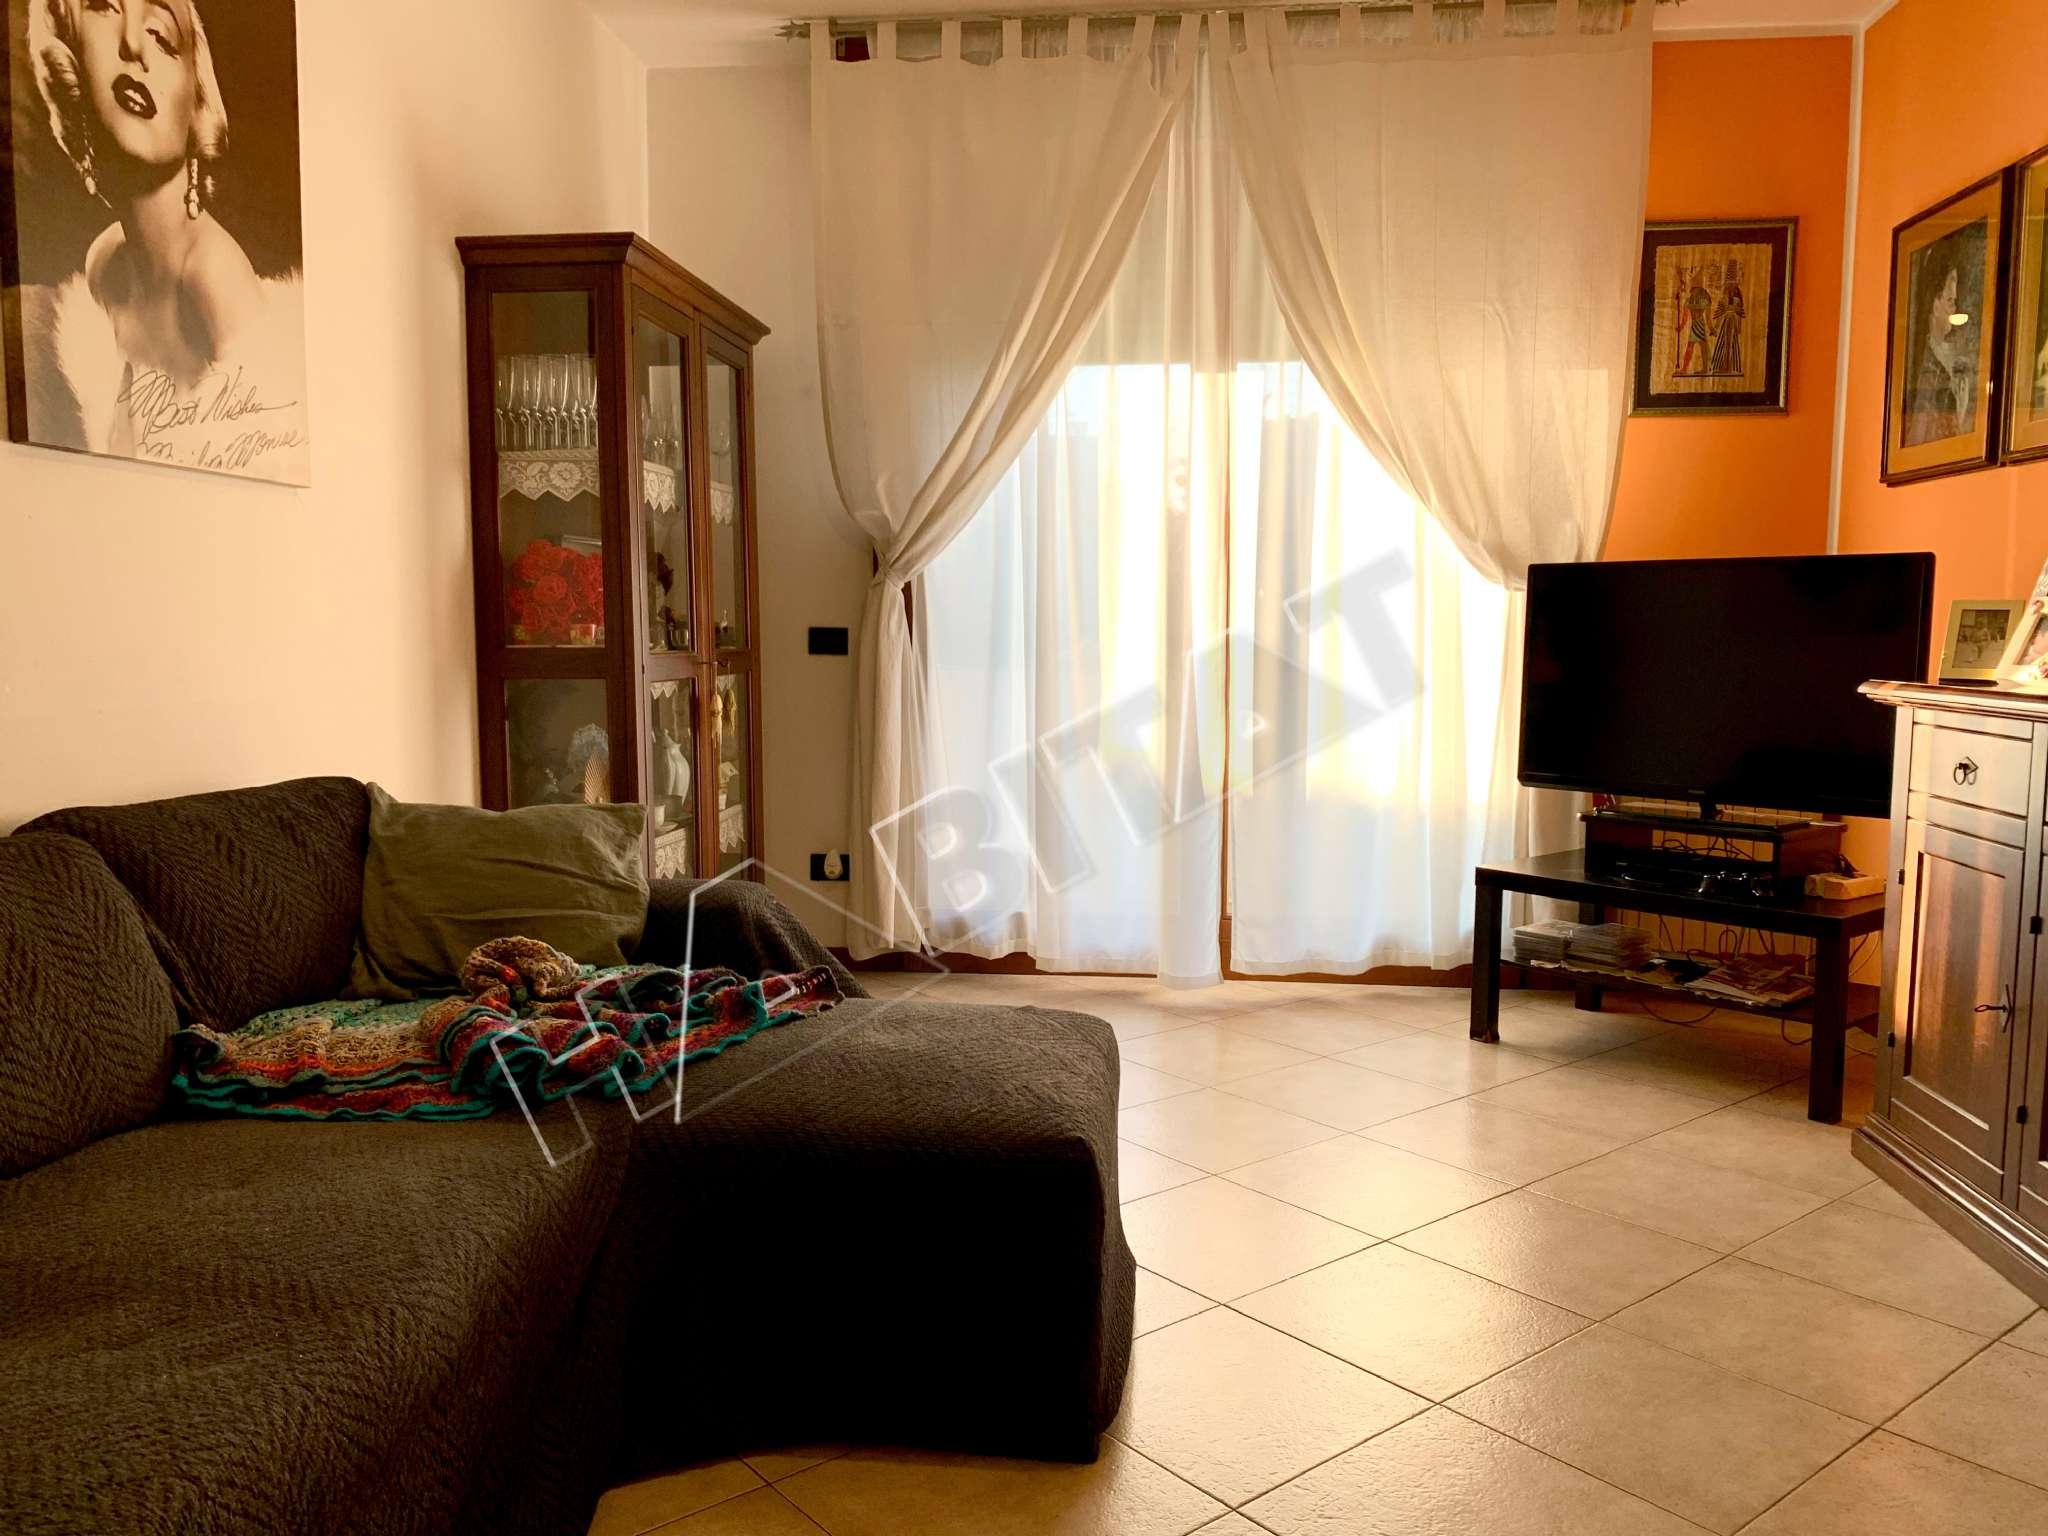 Appartamento in vendita a Maserà di Padova, 4 locali, prezzo € 149.000 | PortaleAgenzieImmobiliari.it